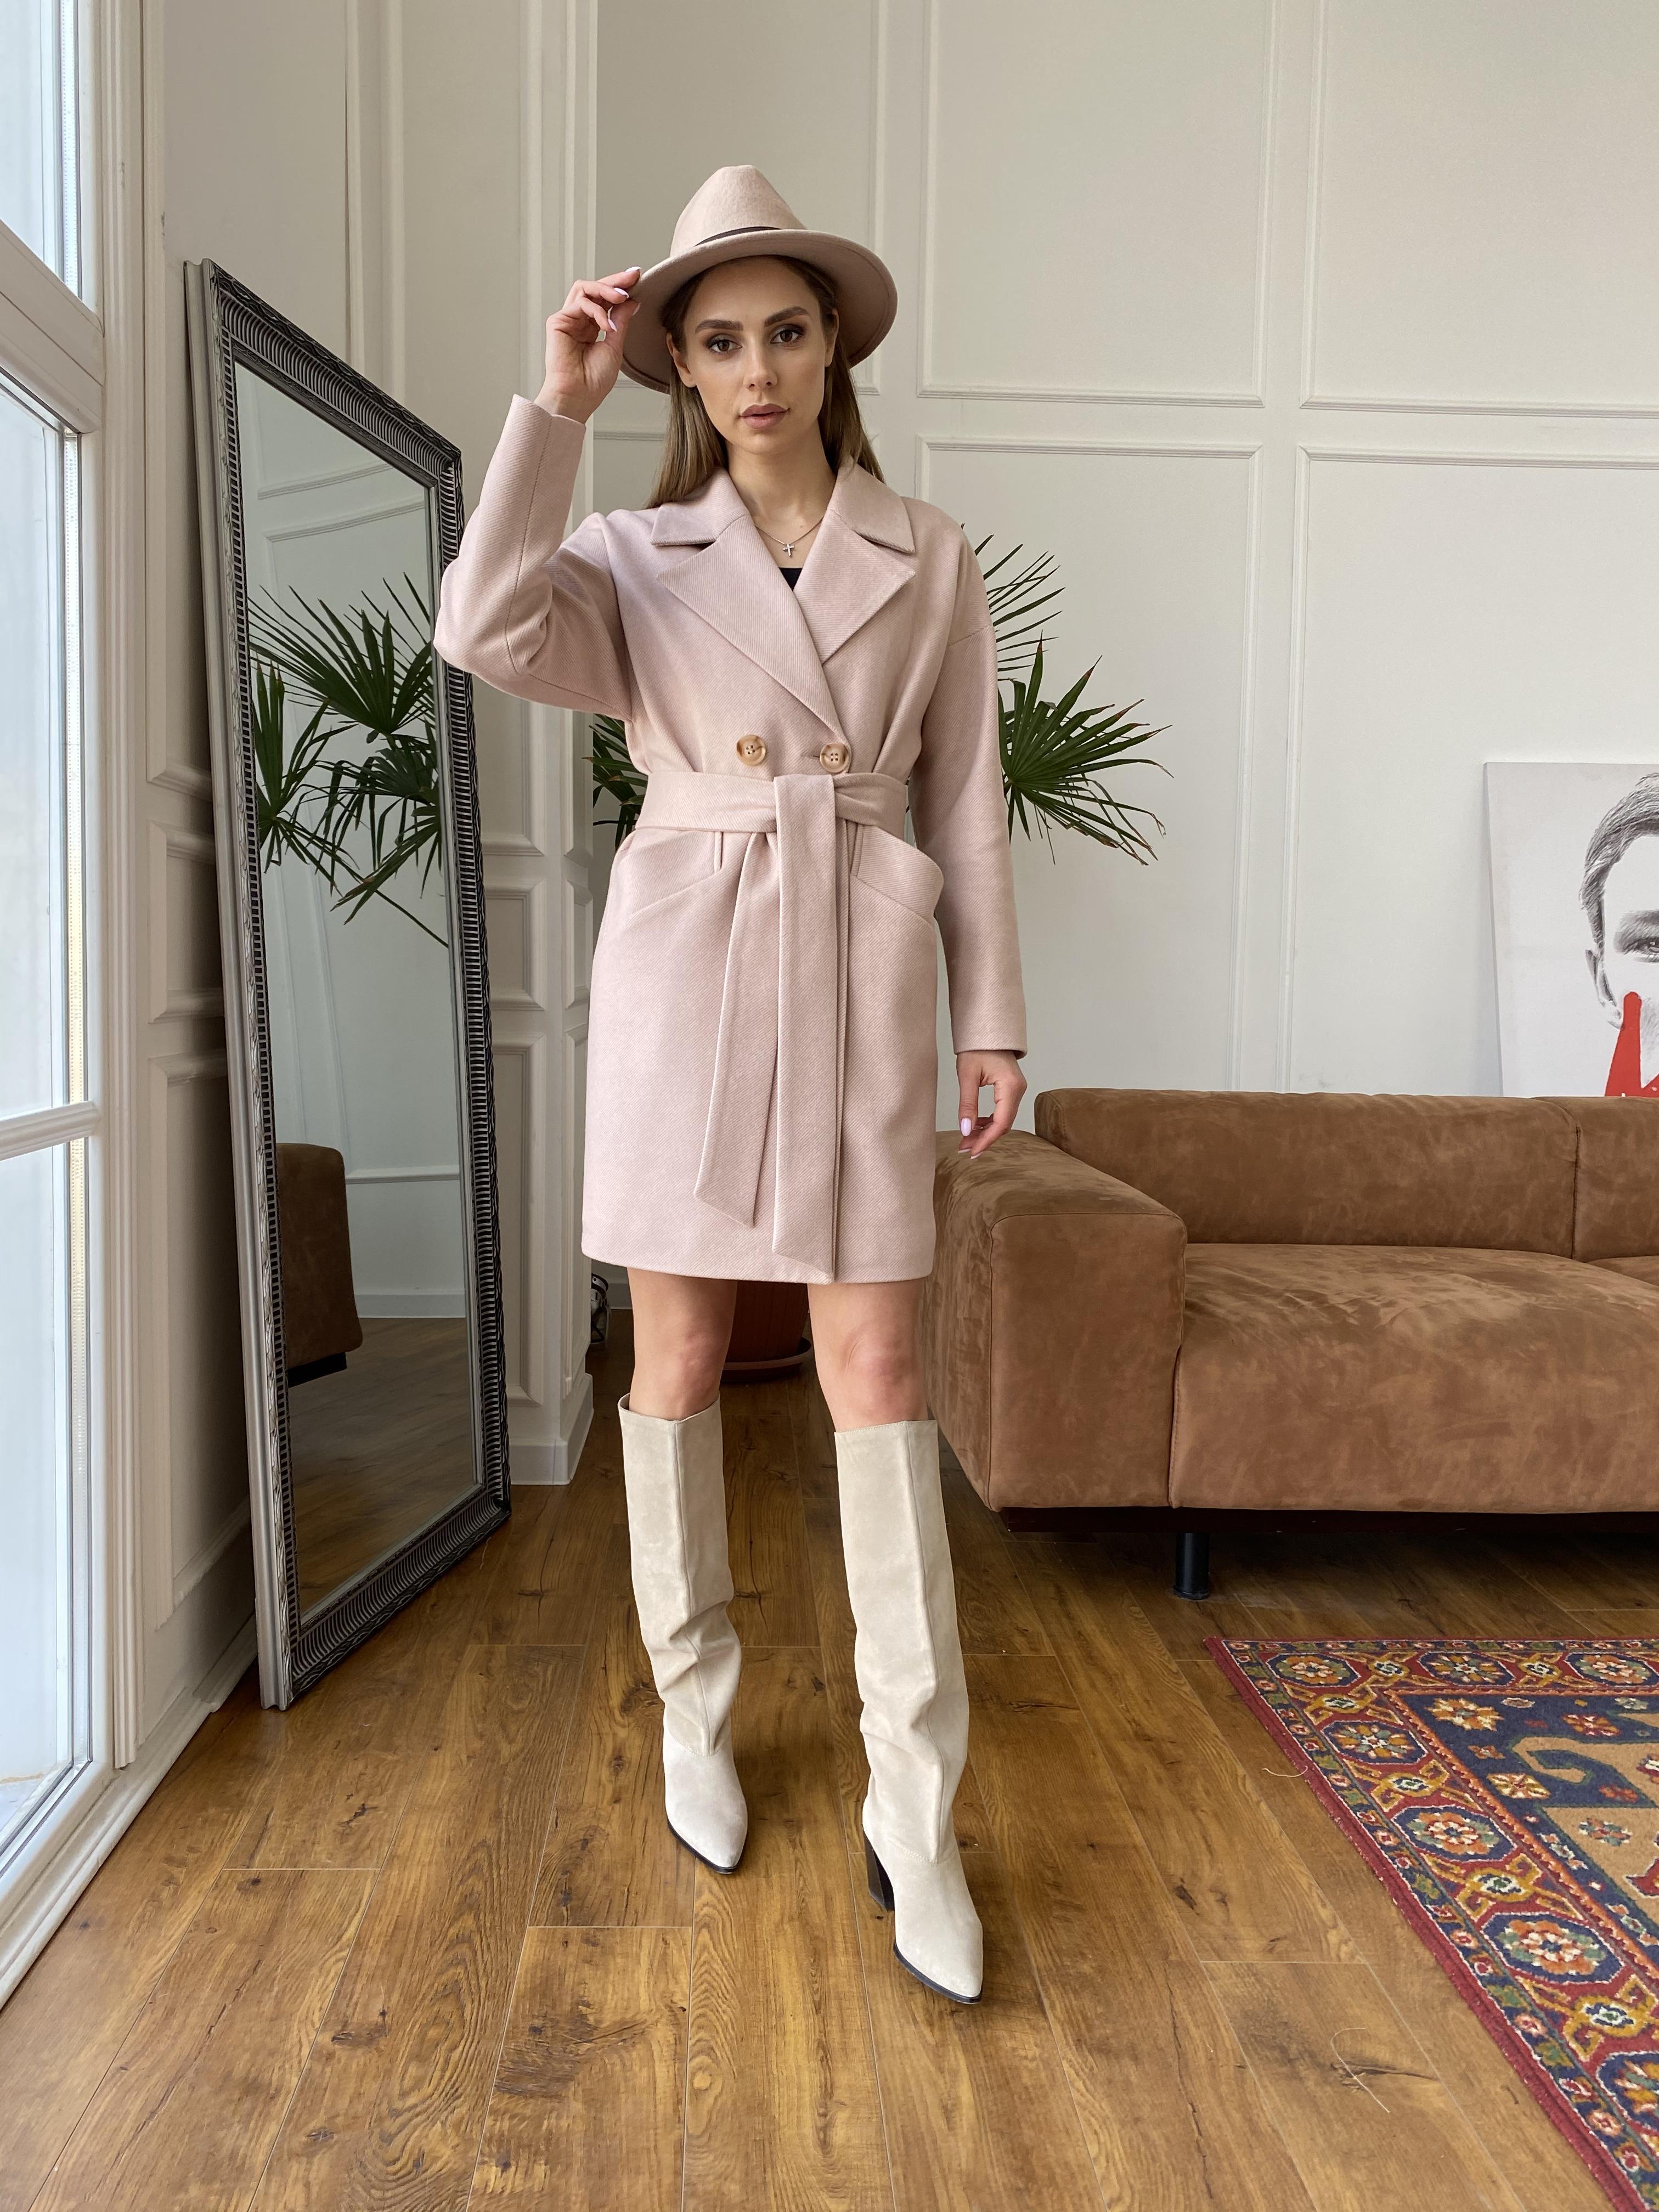 Сенсей диагональ  пальто 10661 АРТ. 47064 Цвет: Пудра - фото 5, интернет магазин tm-modus.ru